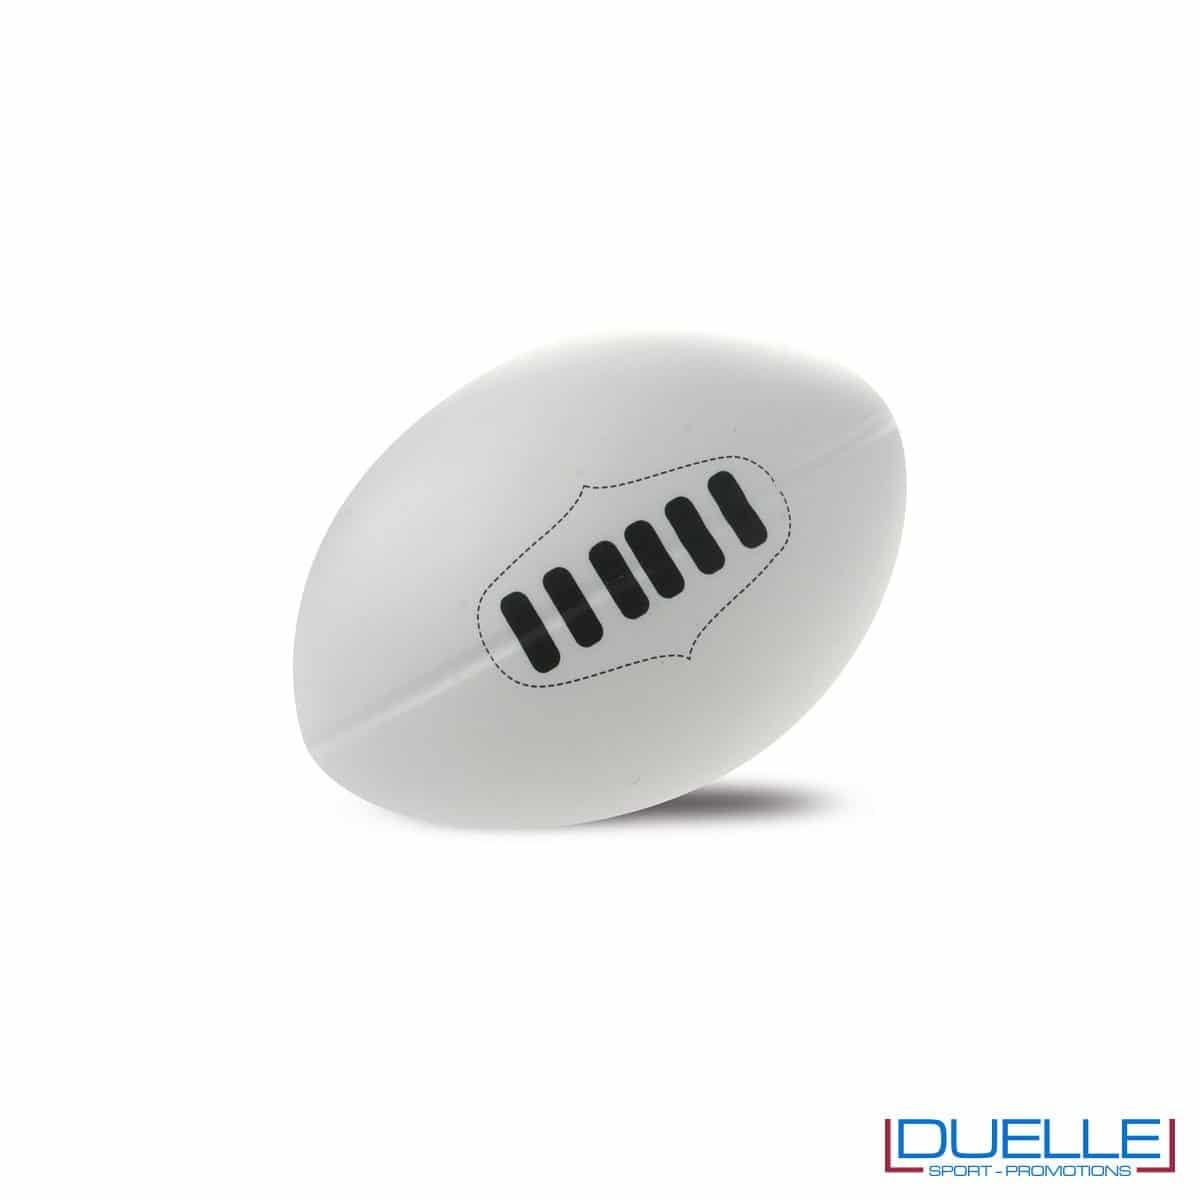 antistress personalizzato a forma di pallone da rugby bianco, gadget sportivi personalizzati